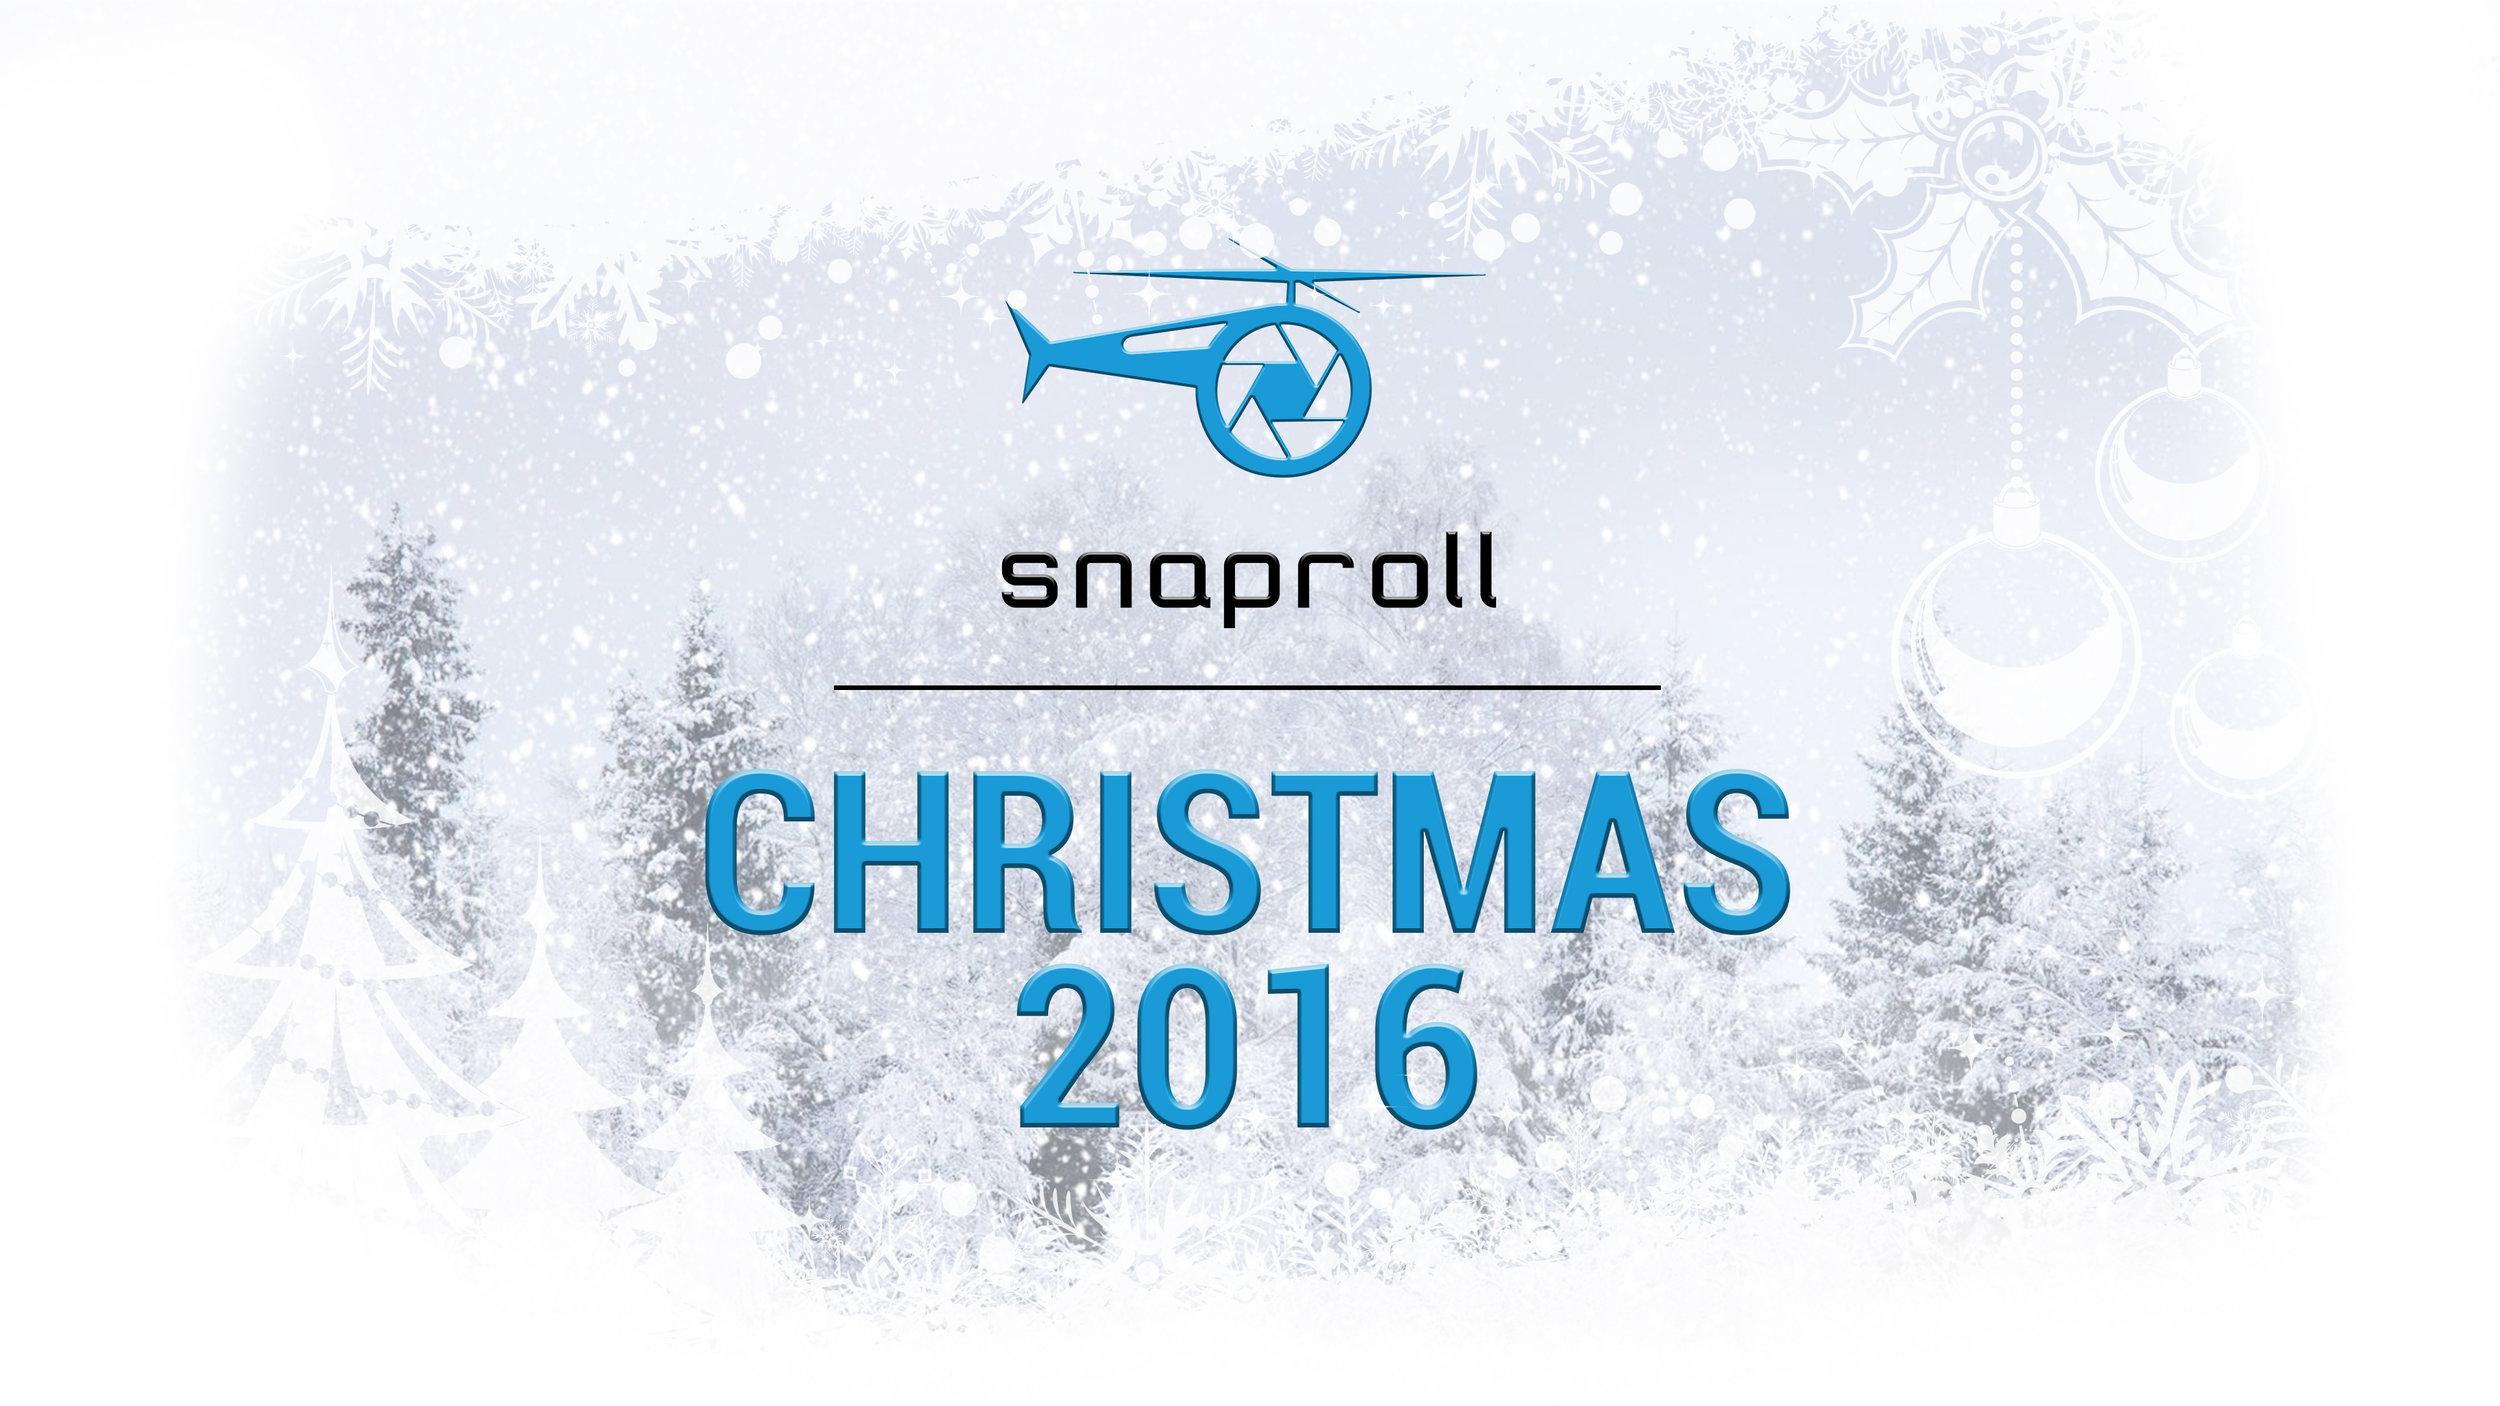 Christmas Slideshow Graphics 2016.jpg